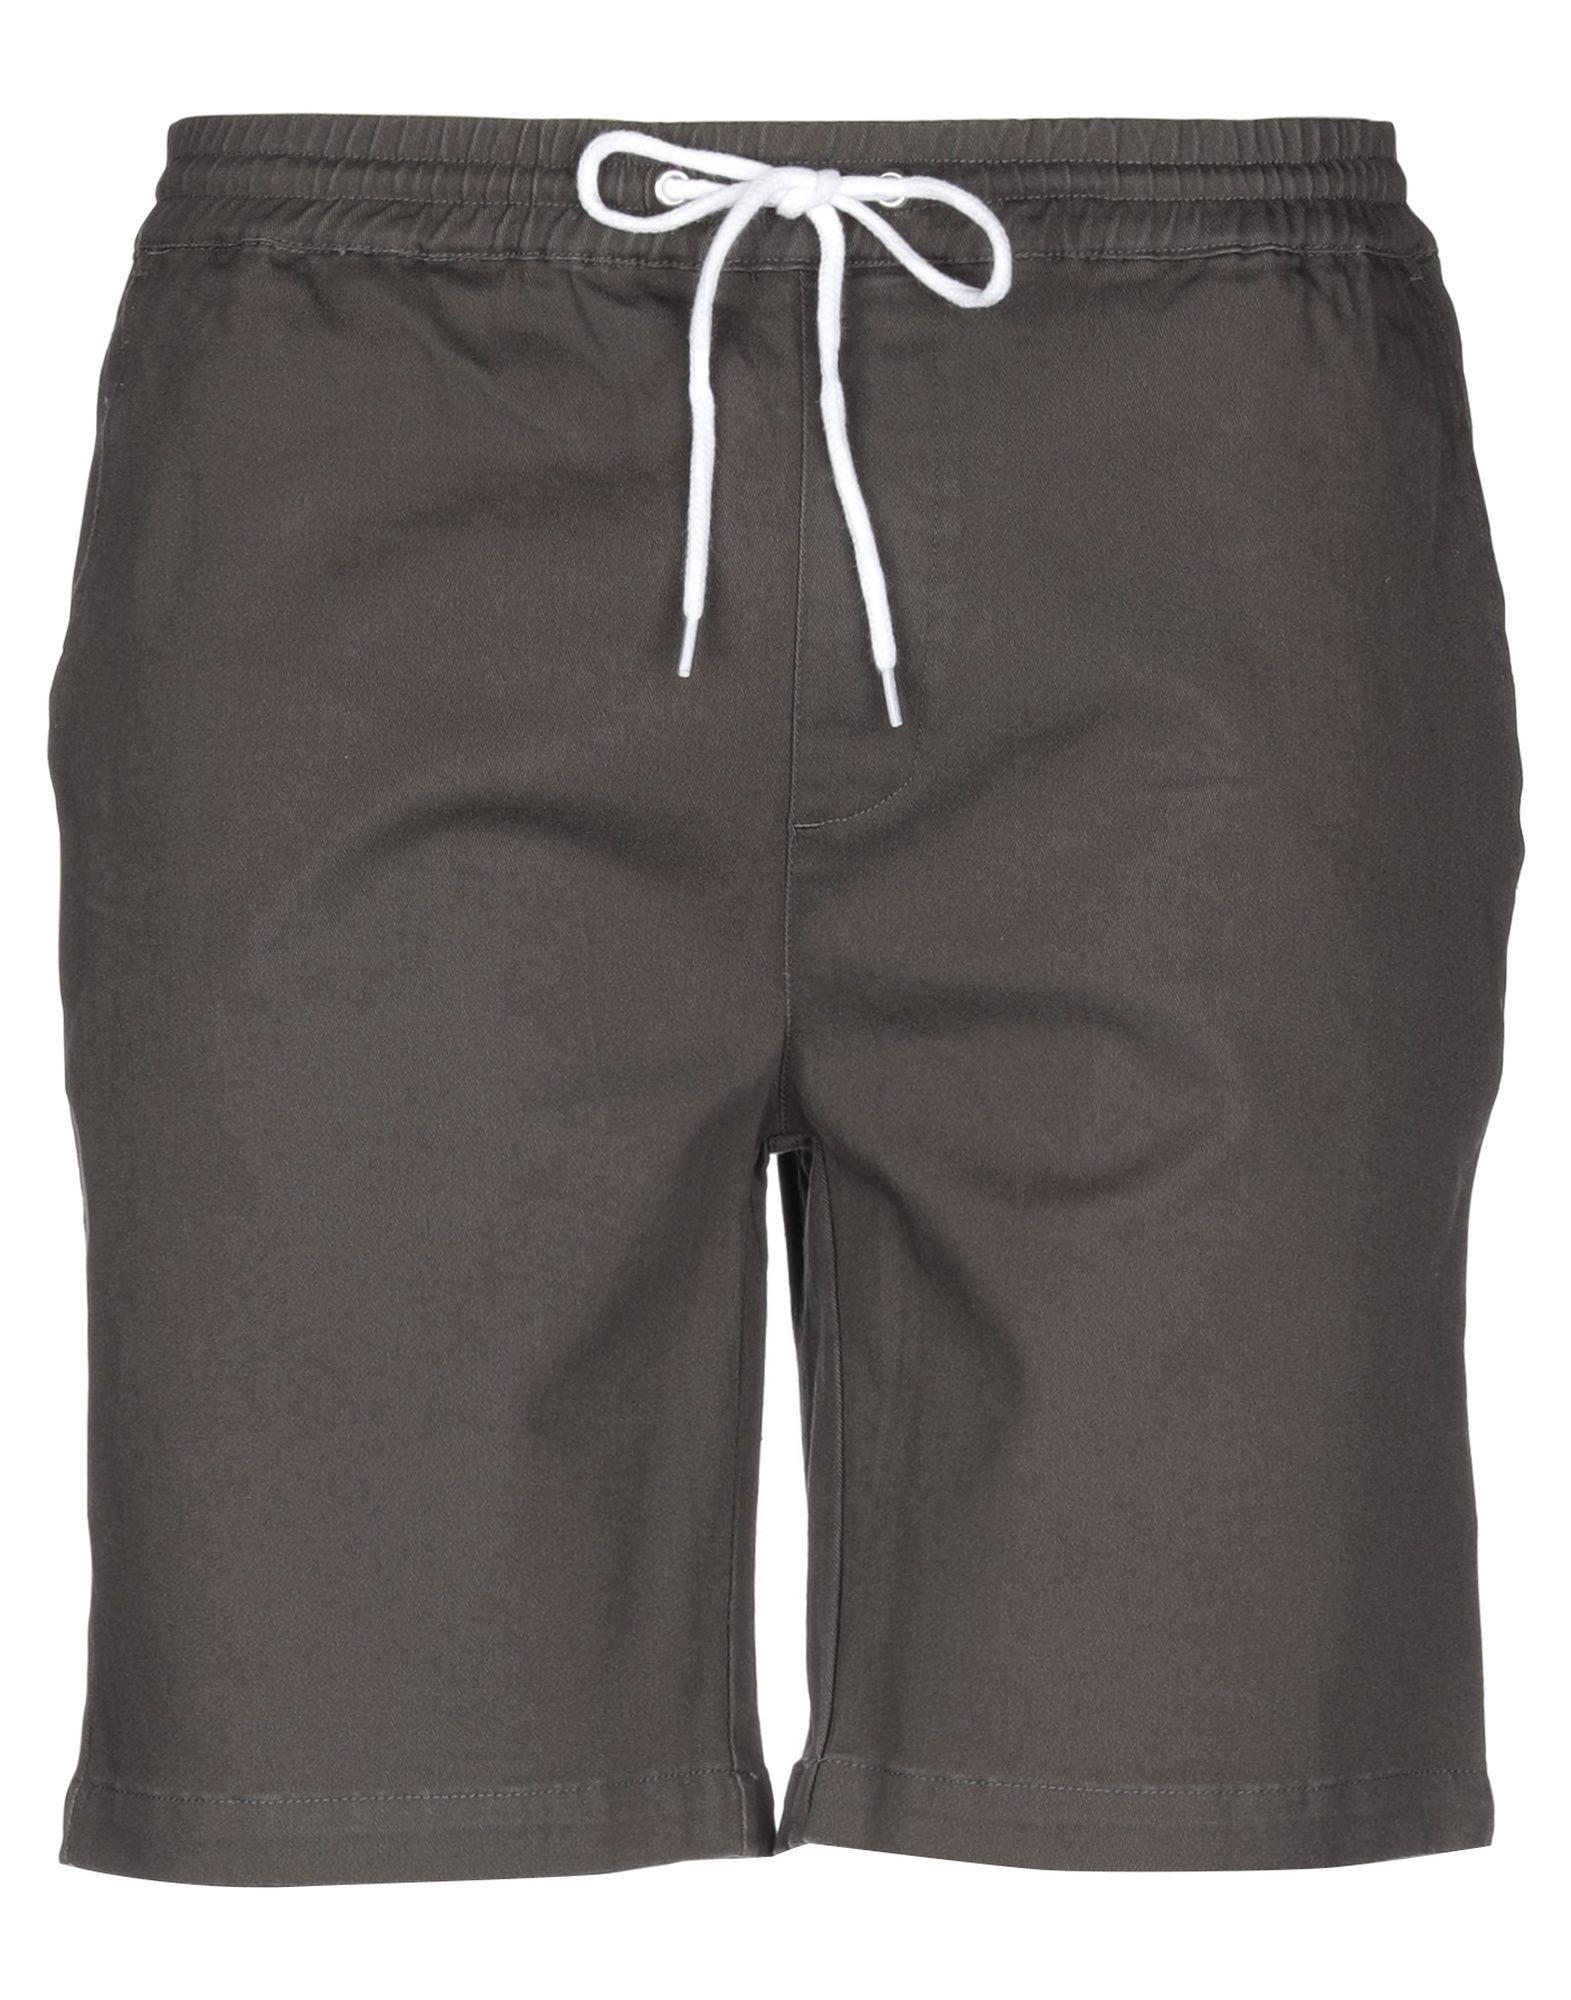 Shorts & Bermuda Wemoto herren - 13329651FL